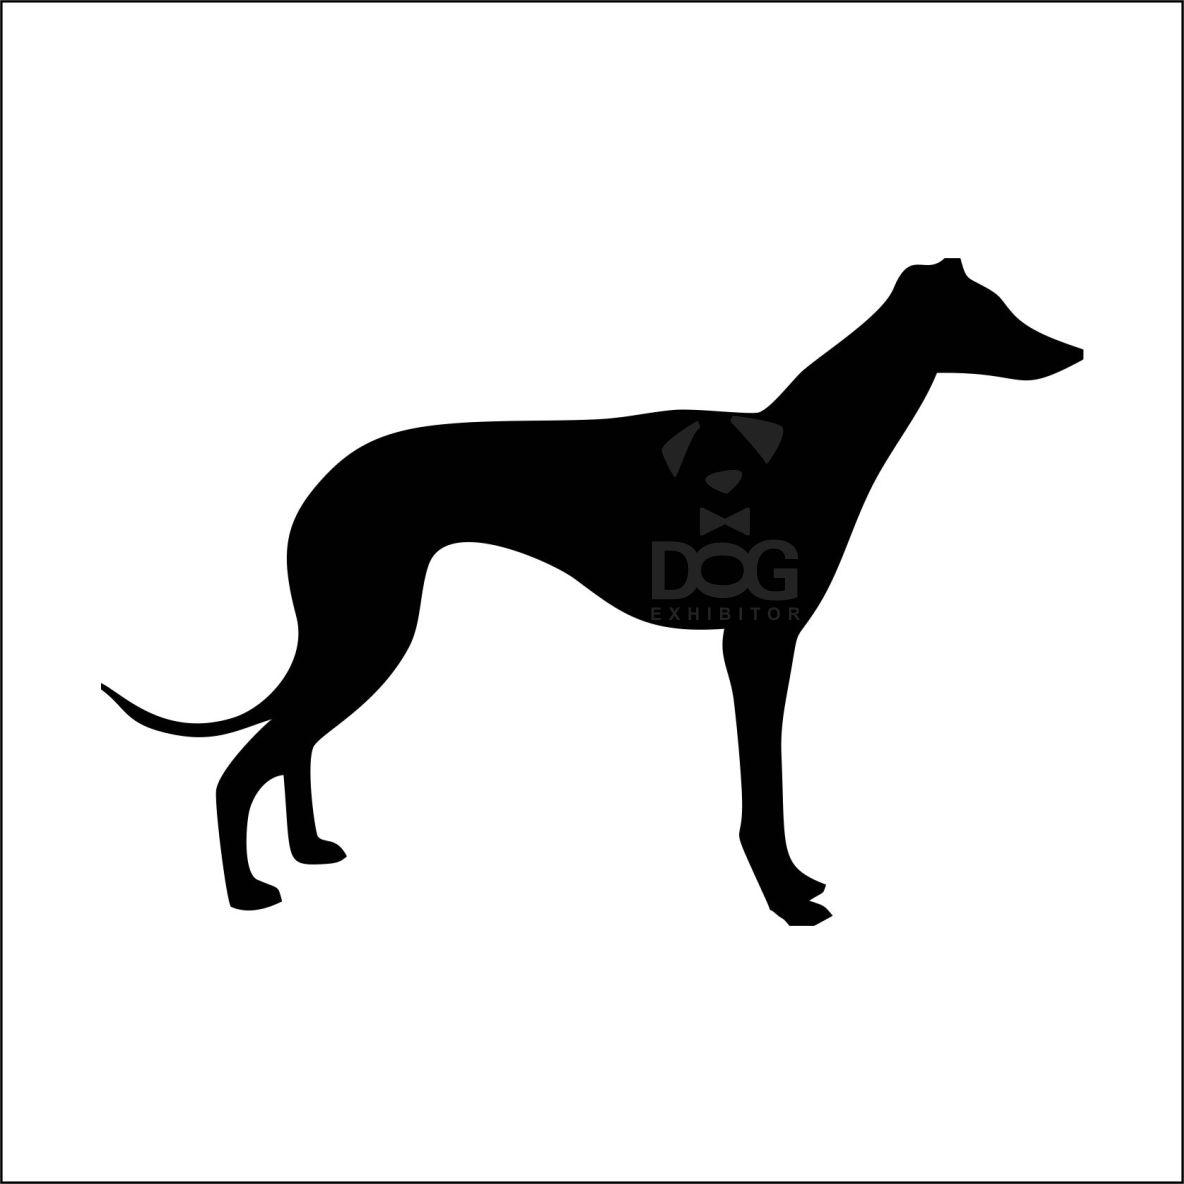 1184x1184 Greyhound Silhouette Sticker